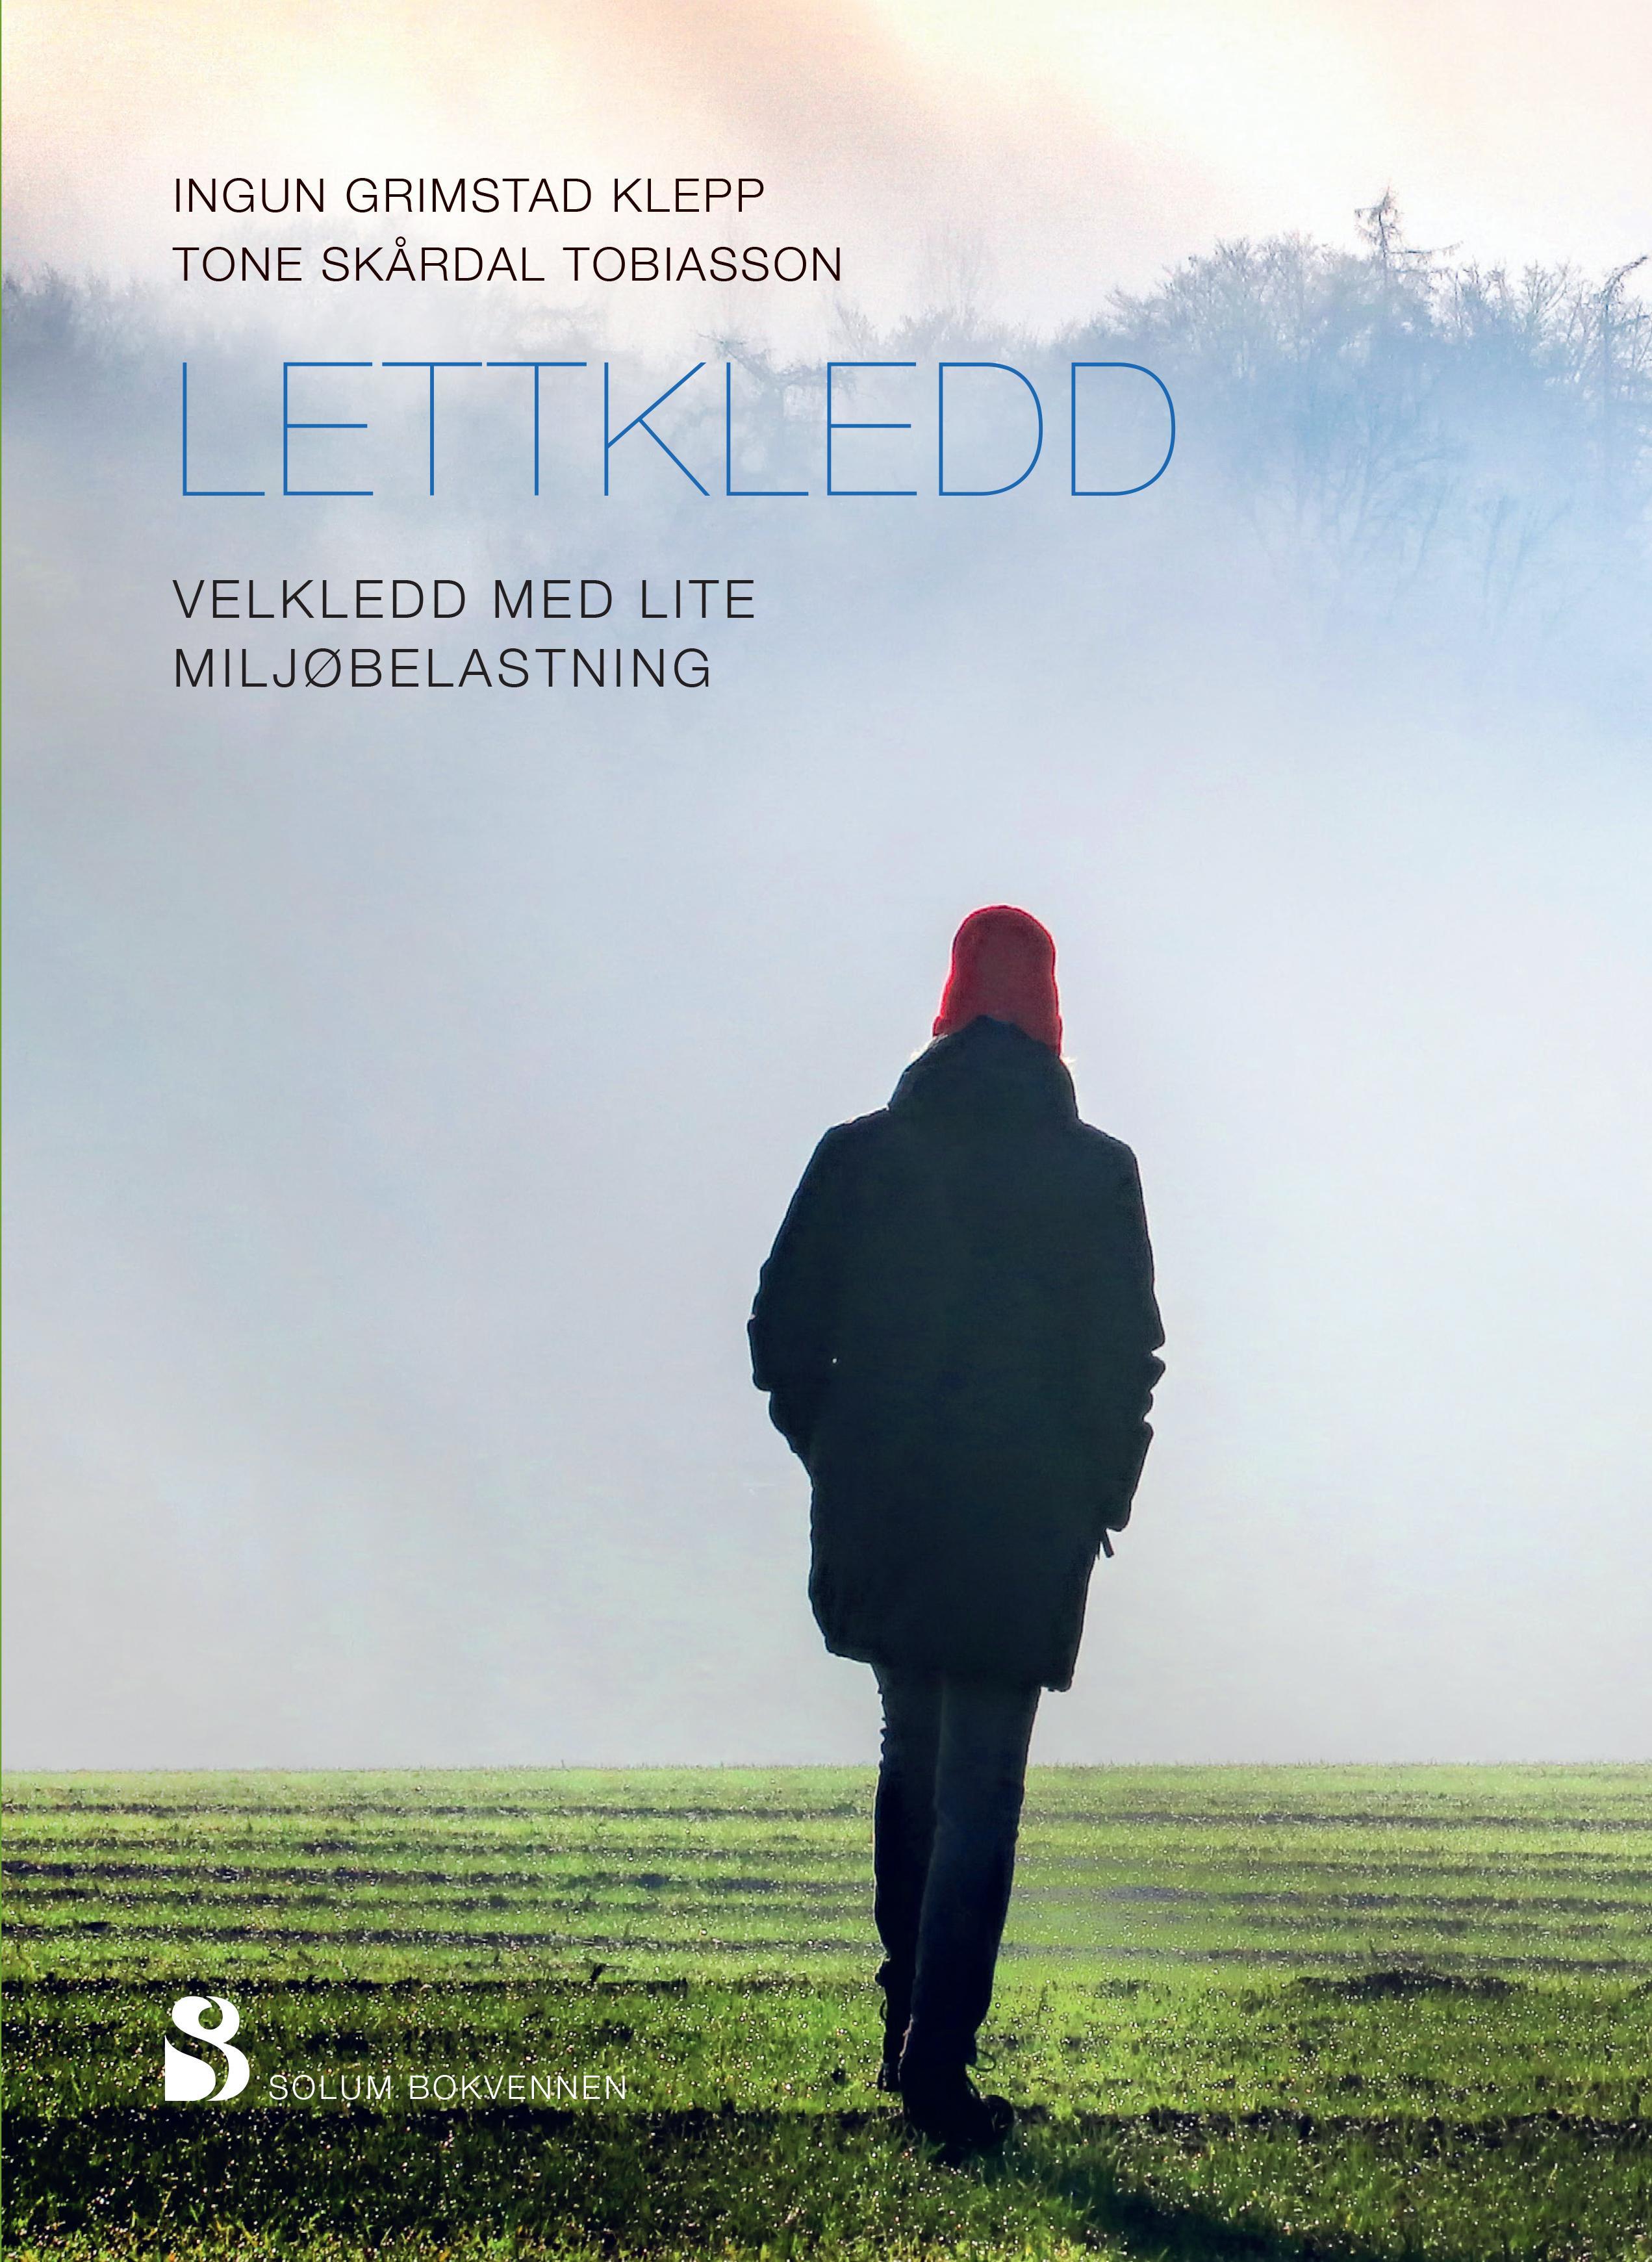 """""""Lettkledd - velkledd med lite miljøbelastning"""" av Ingun Grimstad Klepp"""